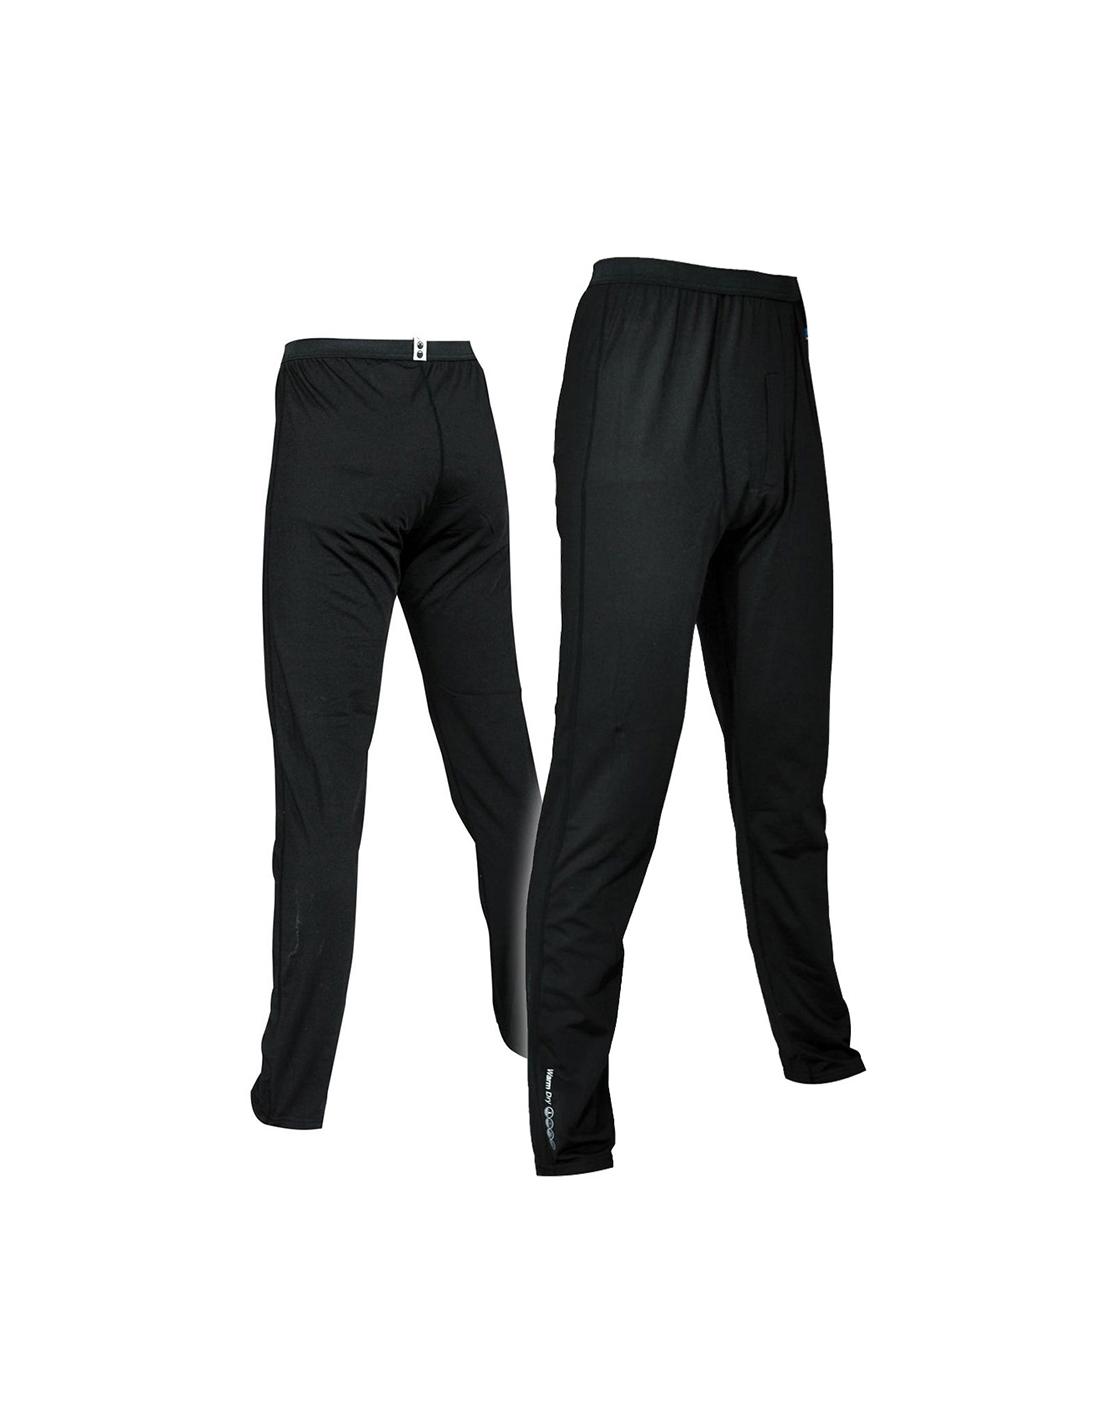 Pantalon Largo Interior Termico Mujer T M Oxford La552 La552 5030009331633